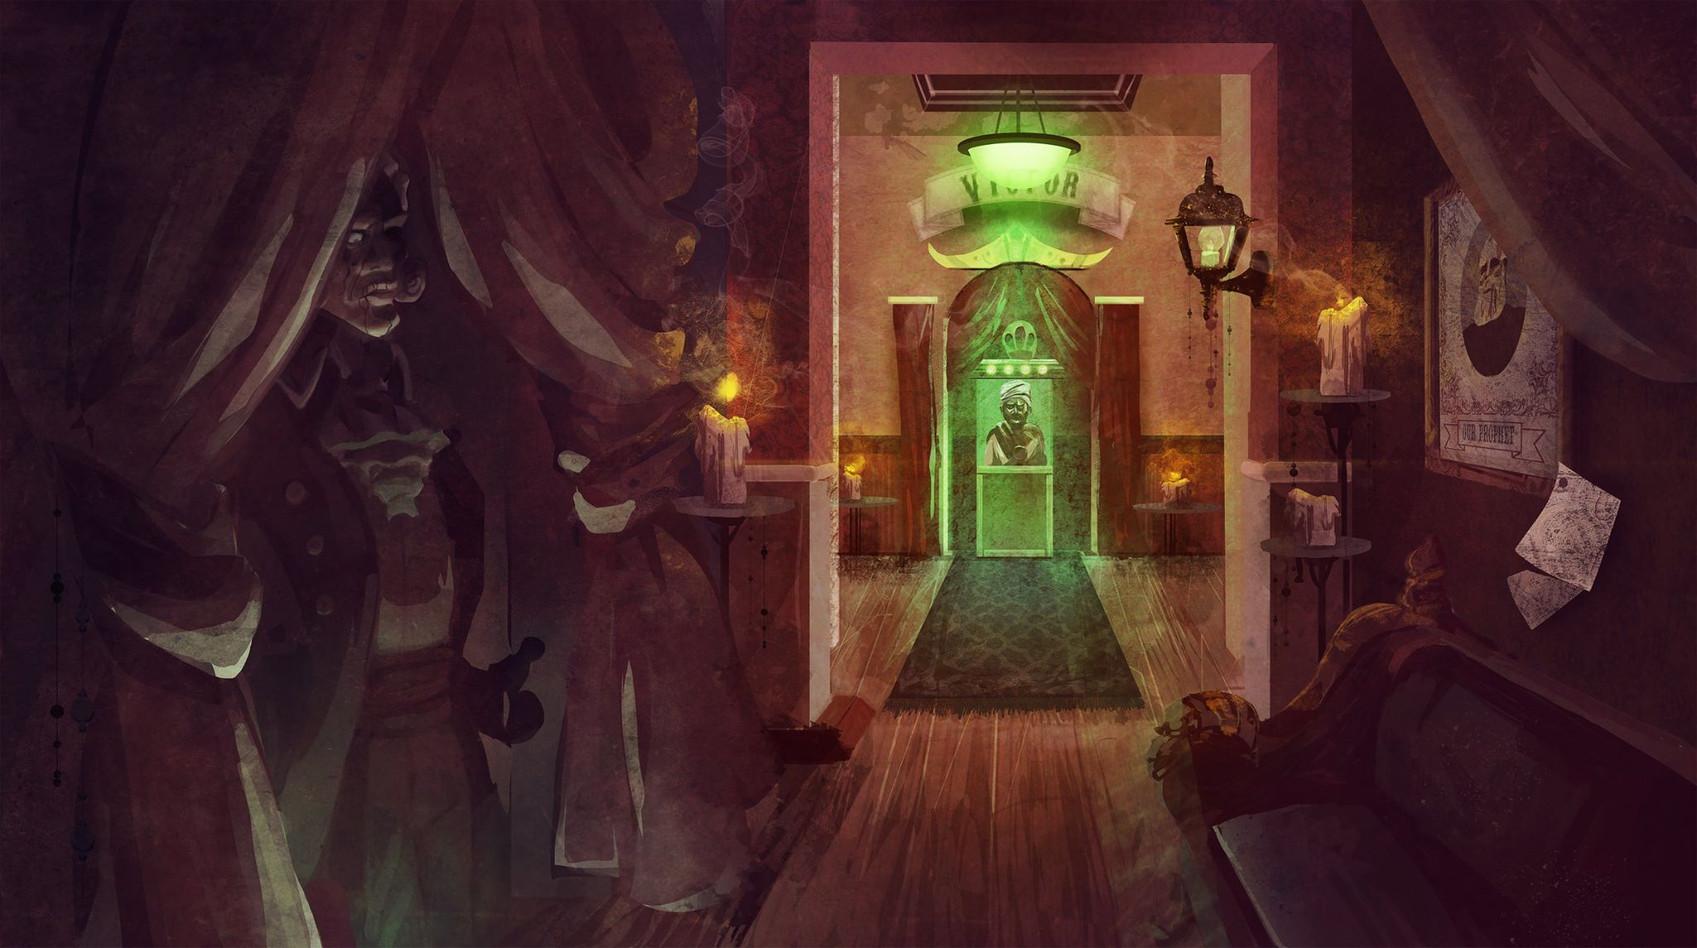 Bioshock Infinite Inspired Interior